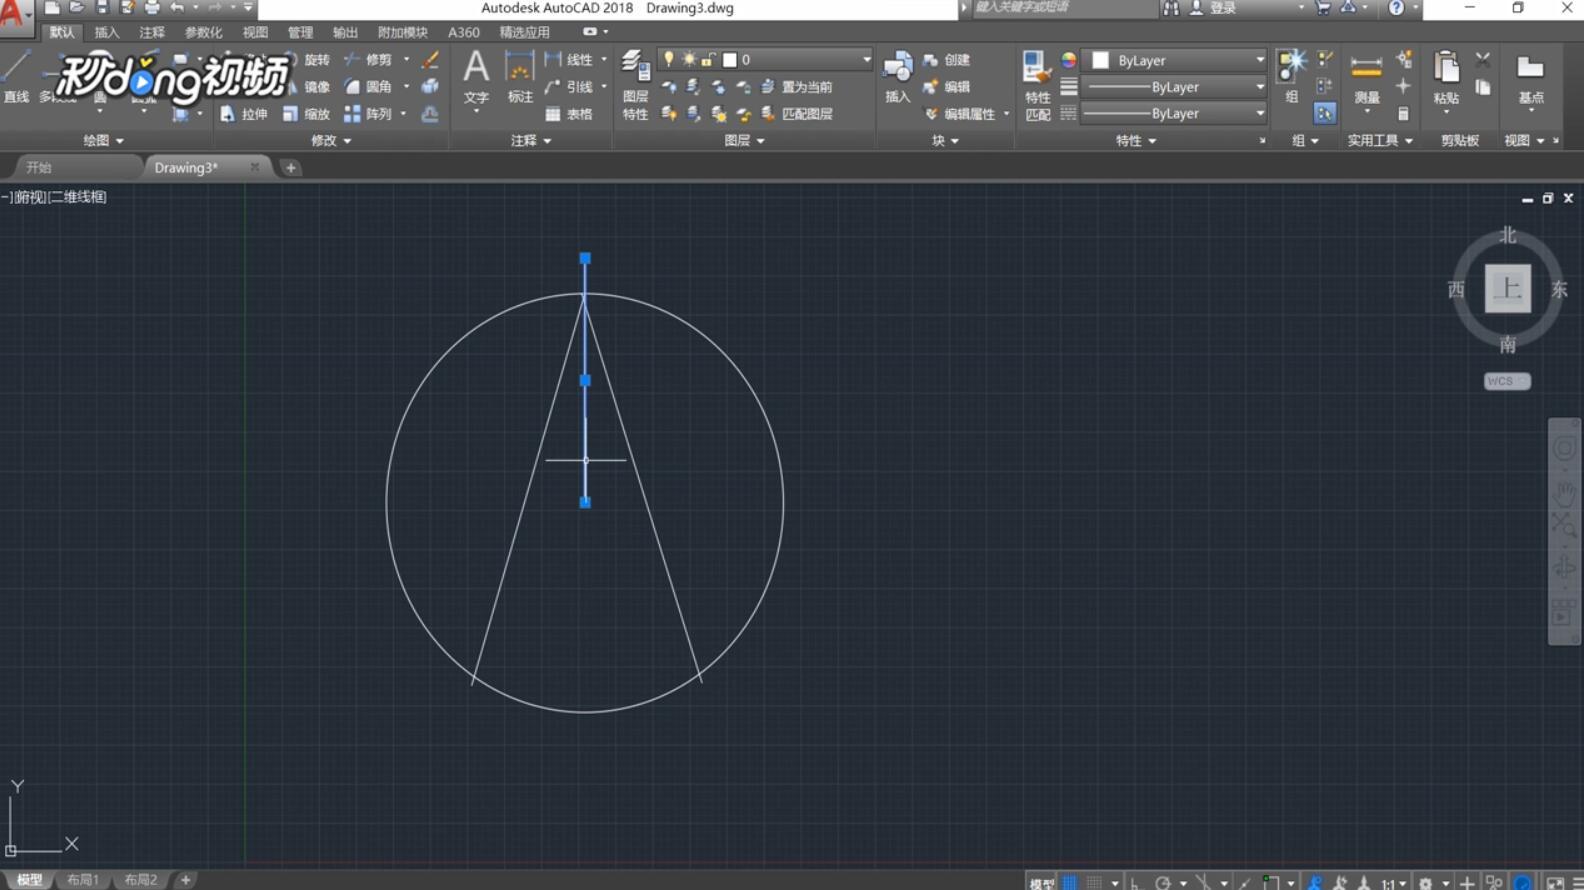 CAD画指北针?CAD指北针制作方法ppt如cad虚线要求图片